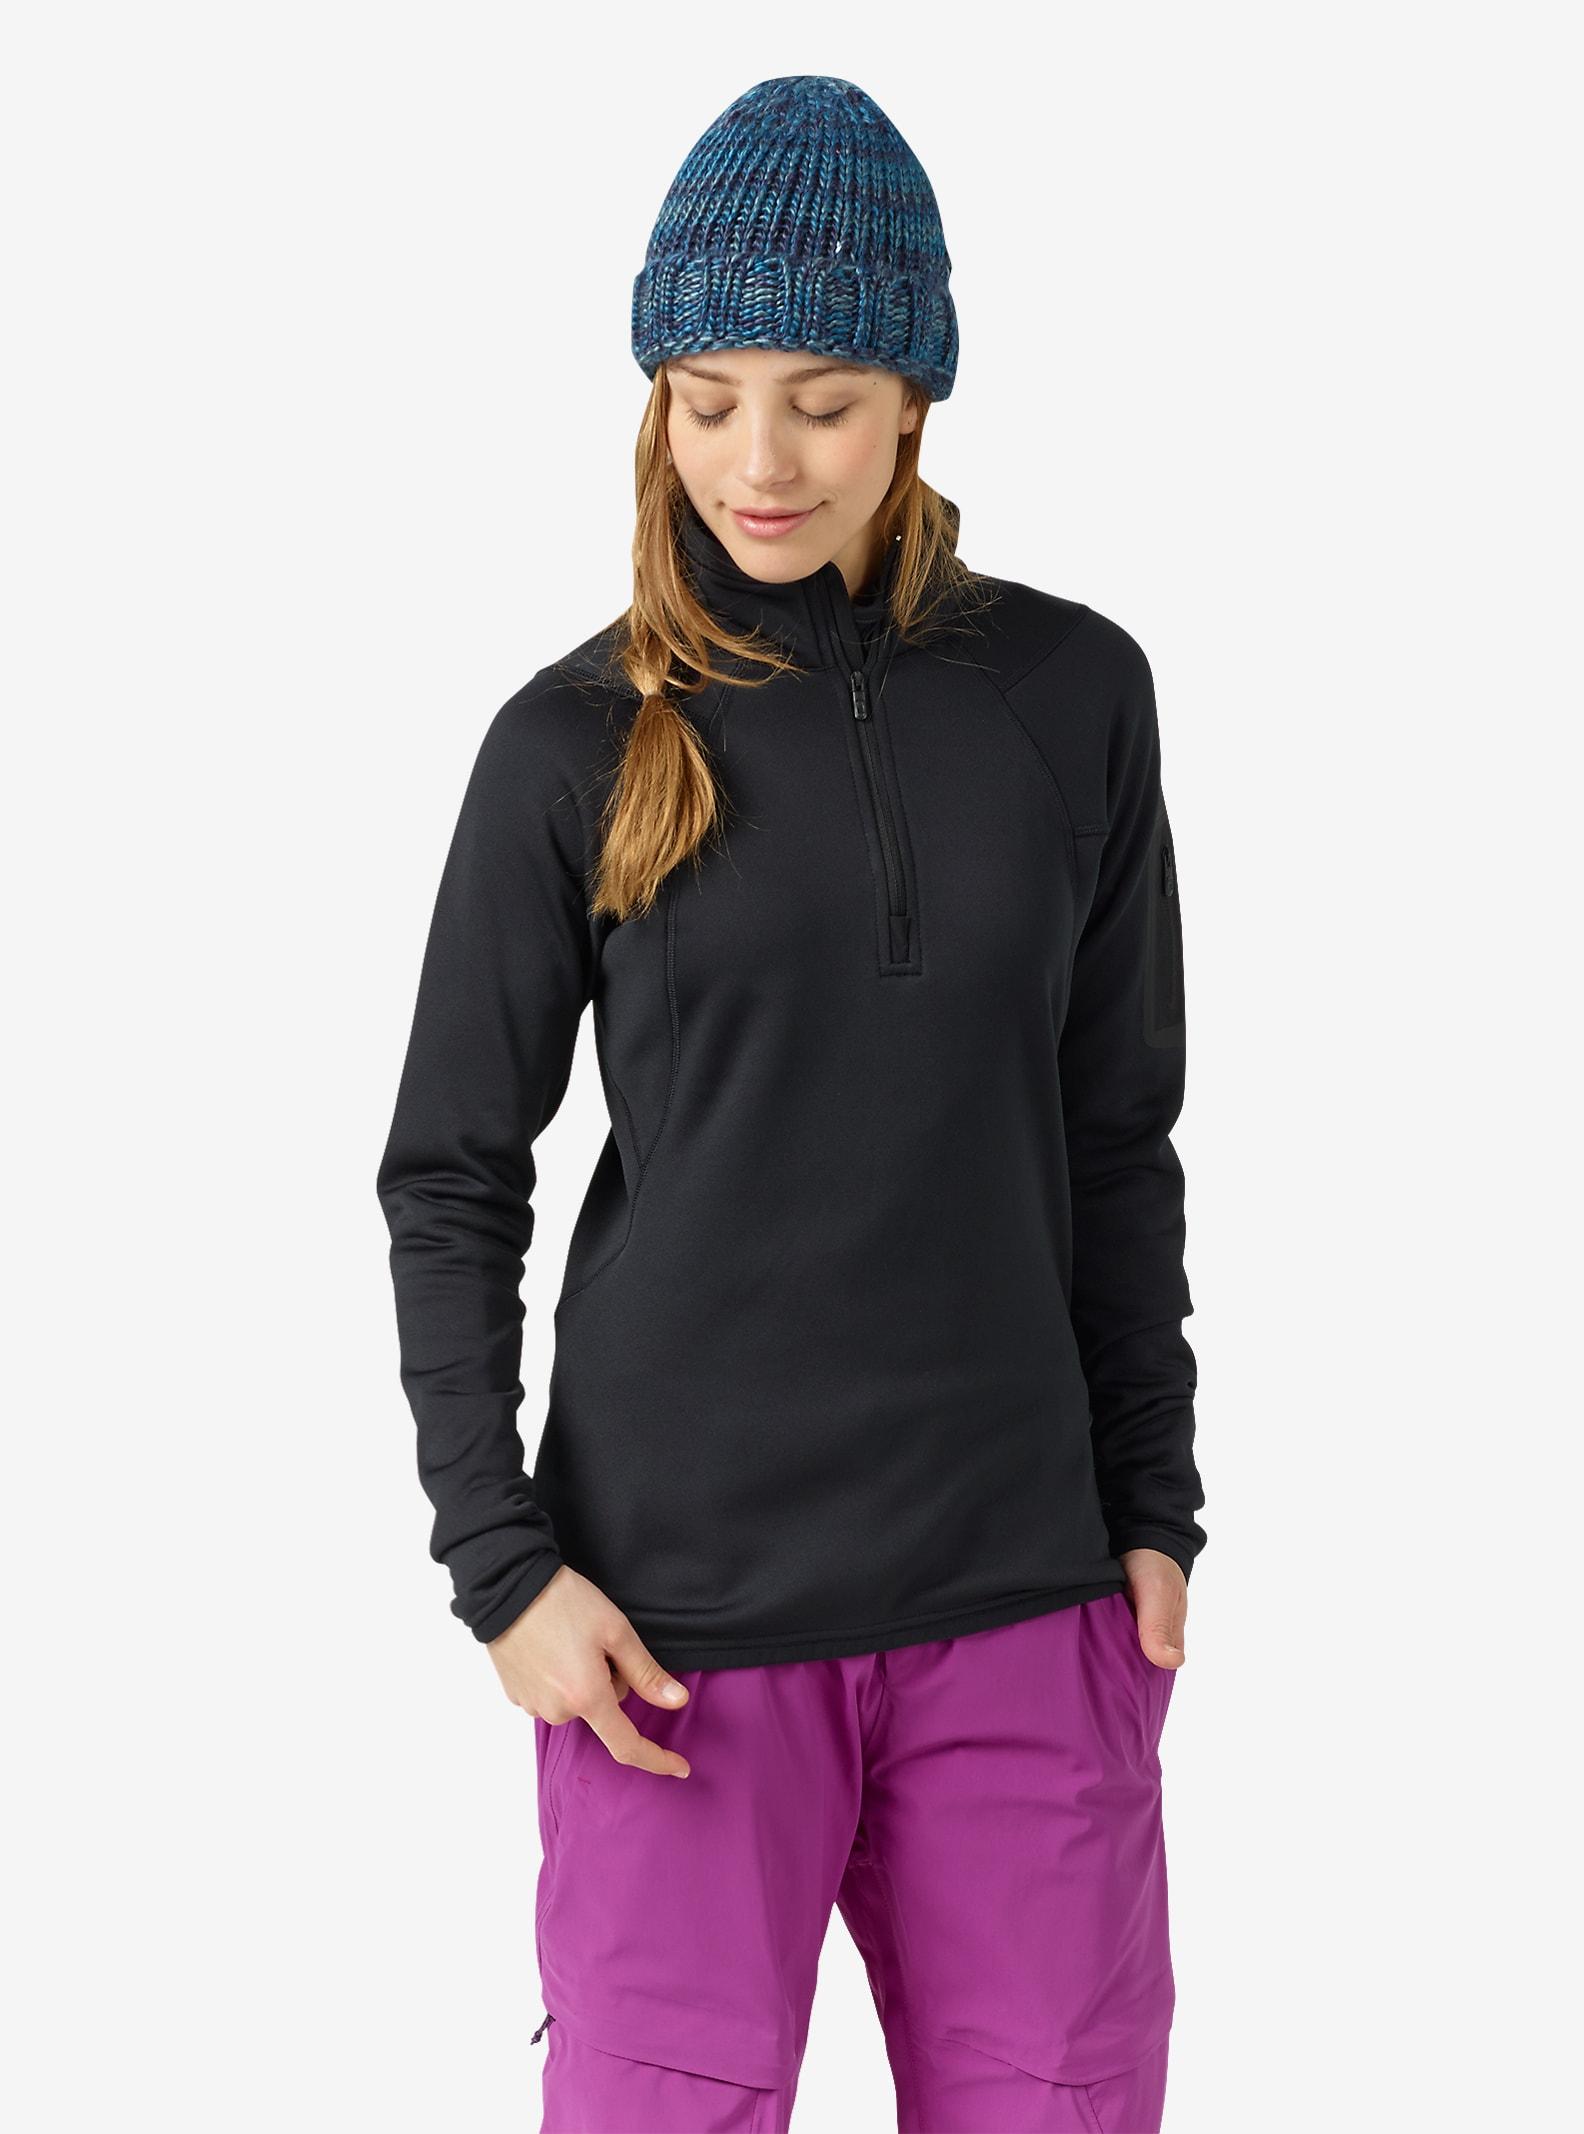 Burton [ak] Women's Lift Half Zip Fleece shown in True Black